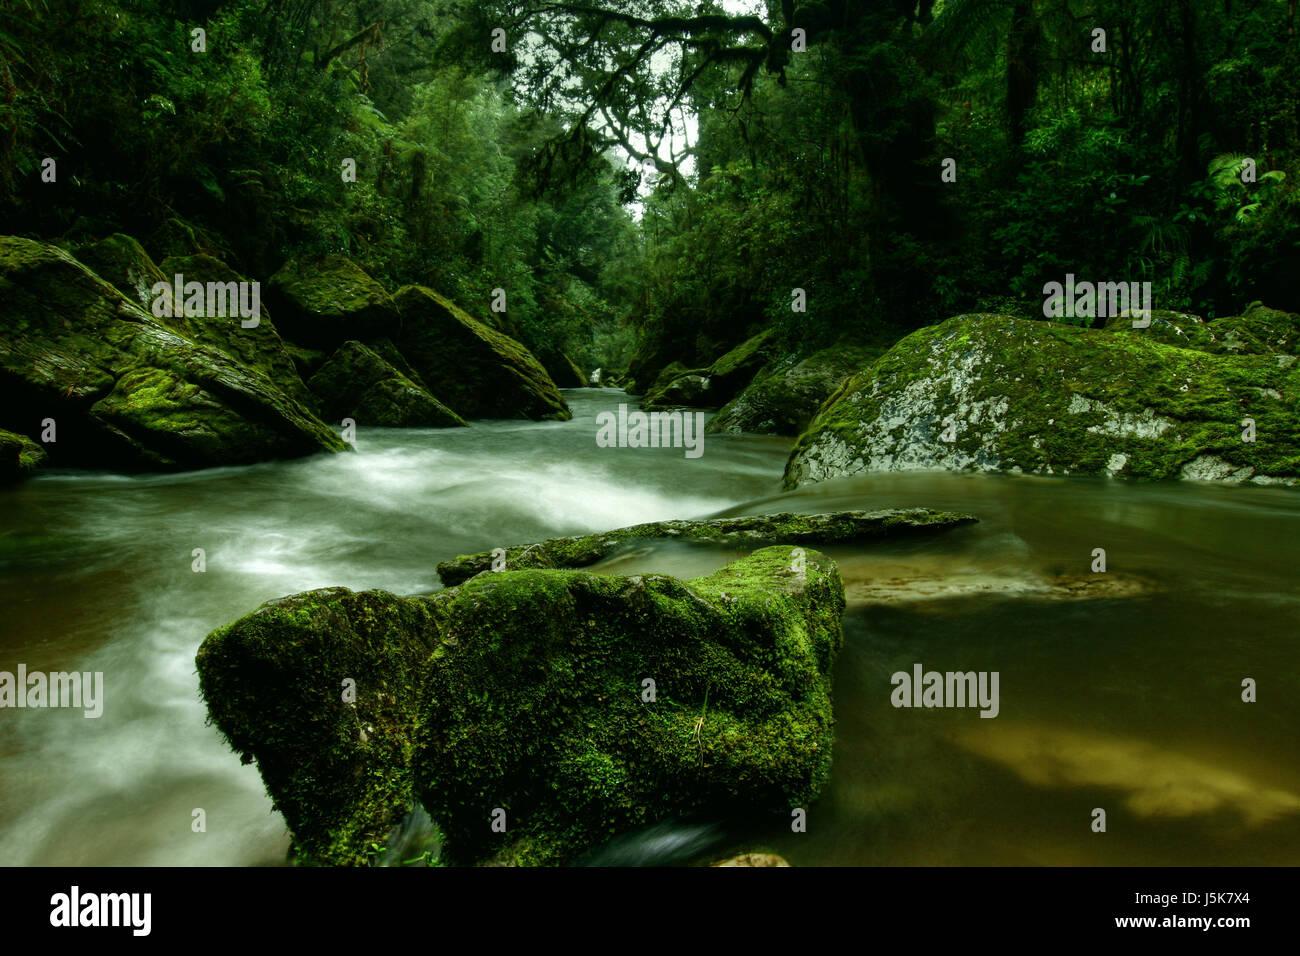 Medio ambiente Medio ambiente verde silencio Silencio silencio de radio stream Foto de stock